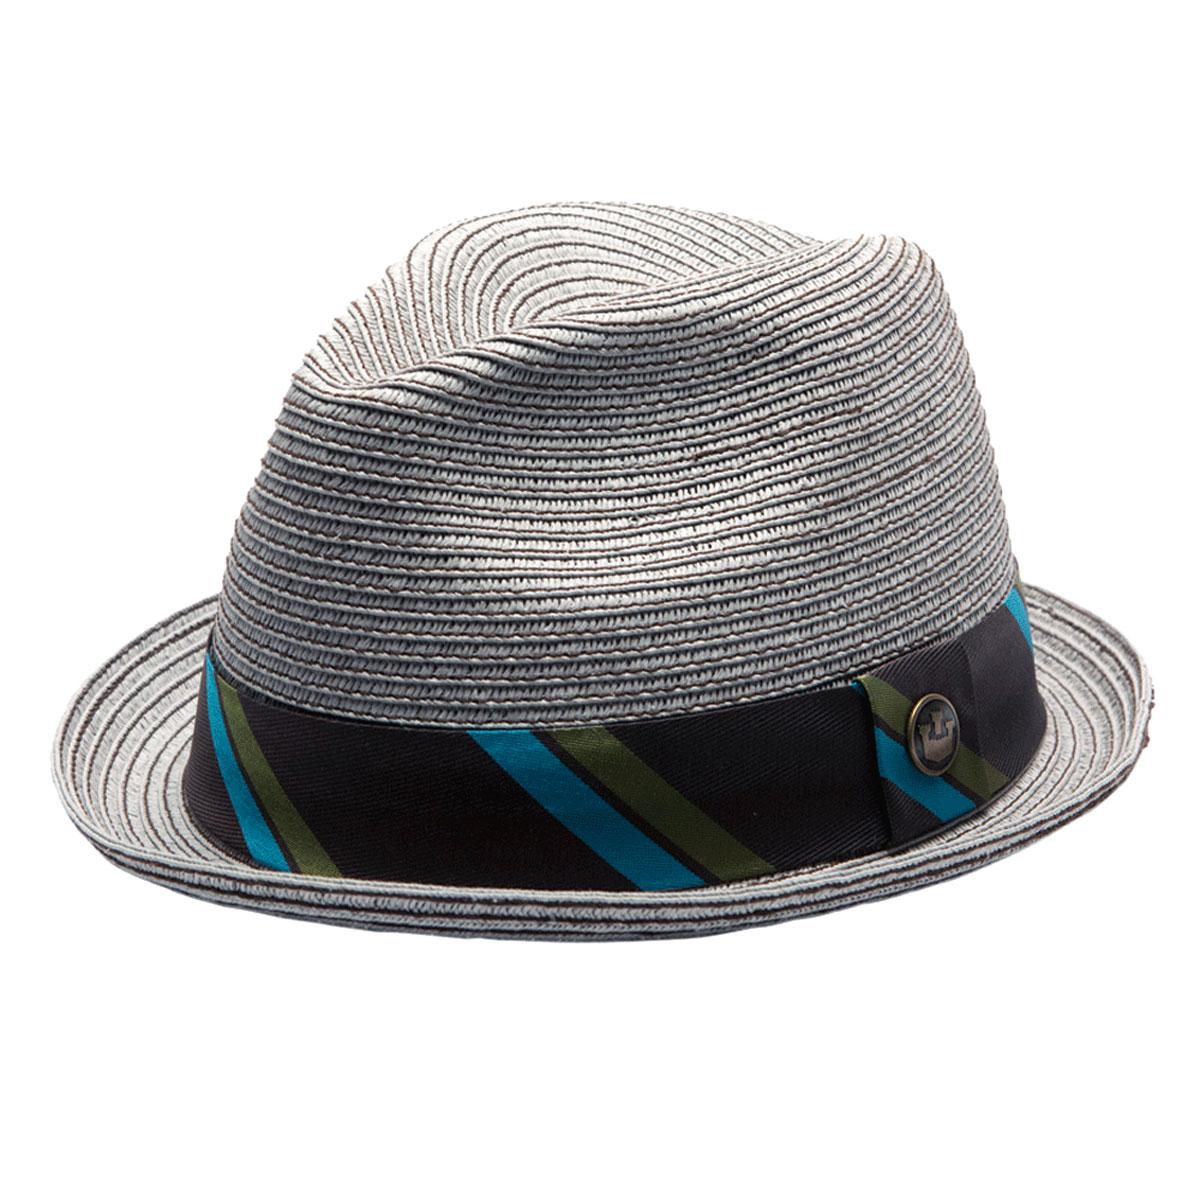 Шляпа унисекс. 16-839-0816-839-08-59Лёгкая соломеная шляпа с короткими полями, немного загнутыми вверх. Контрастная лента с яркими диагональными полосками подчеркнёт ваш стиль и придаст индивидуальности вашему летнему наряду. Богатая цветовая гамма делает эту модель универсальной в подборе гардероба. Носите её в солнечный день на пляже, а вечером смело надевайте в клуб.